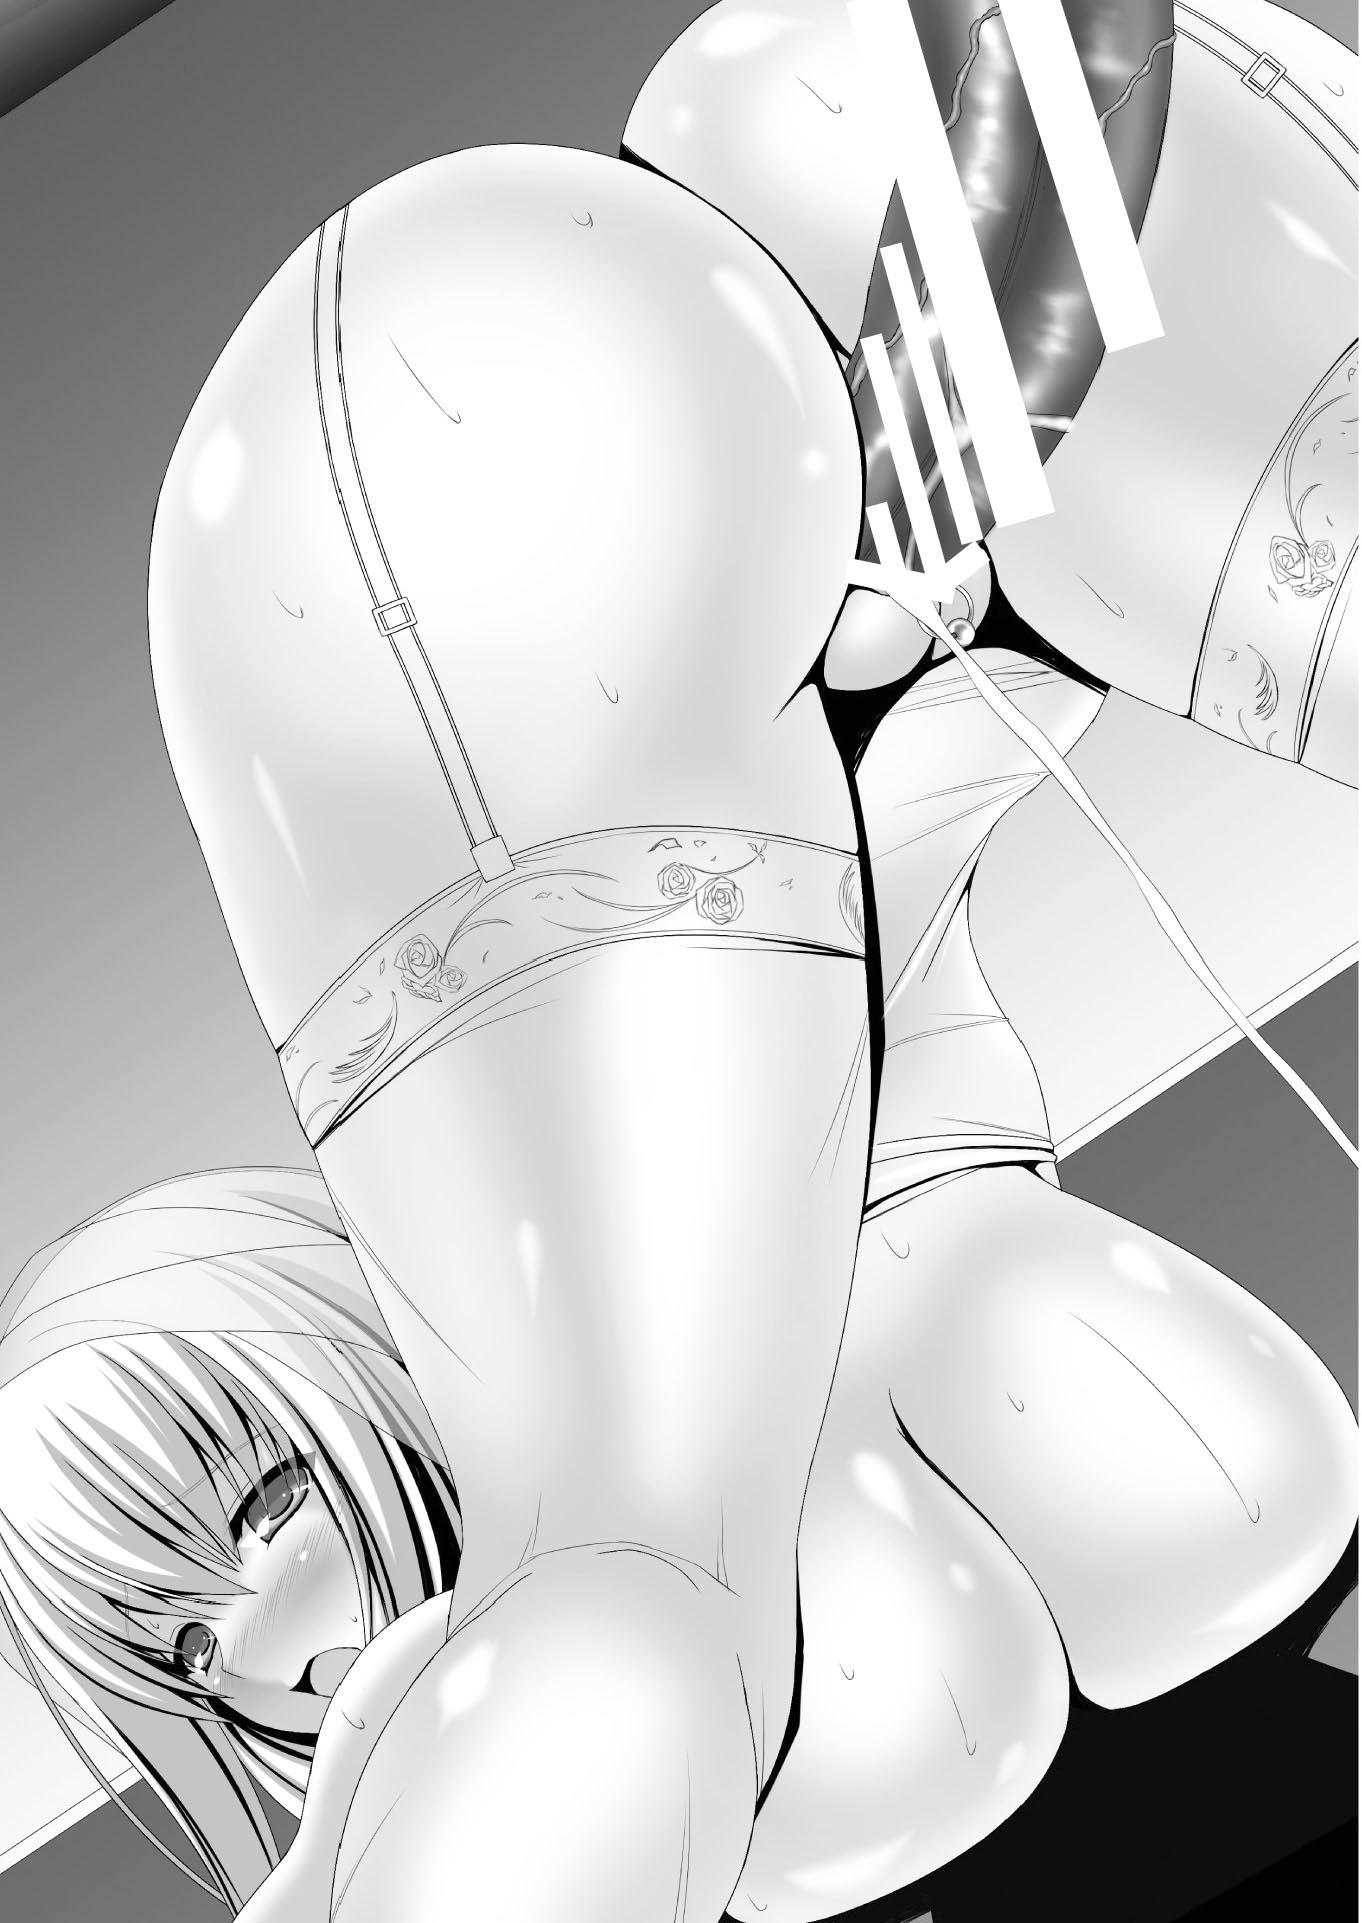 【乳首】ピアスをしている女の子画像12ヶ所目【クリ】 [無断転載禁止]©bbspink.com->画像>302枚